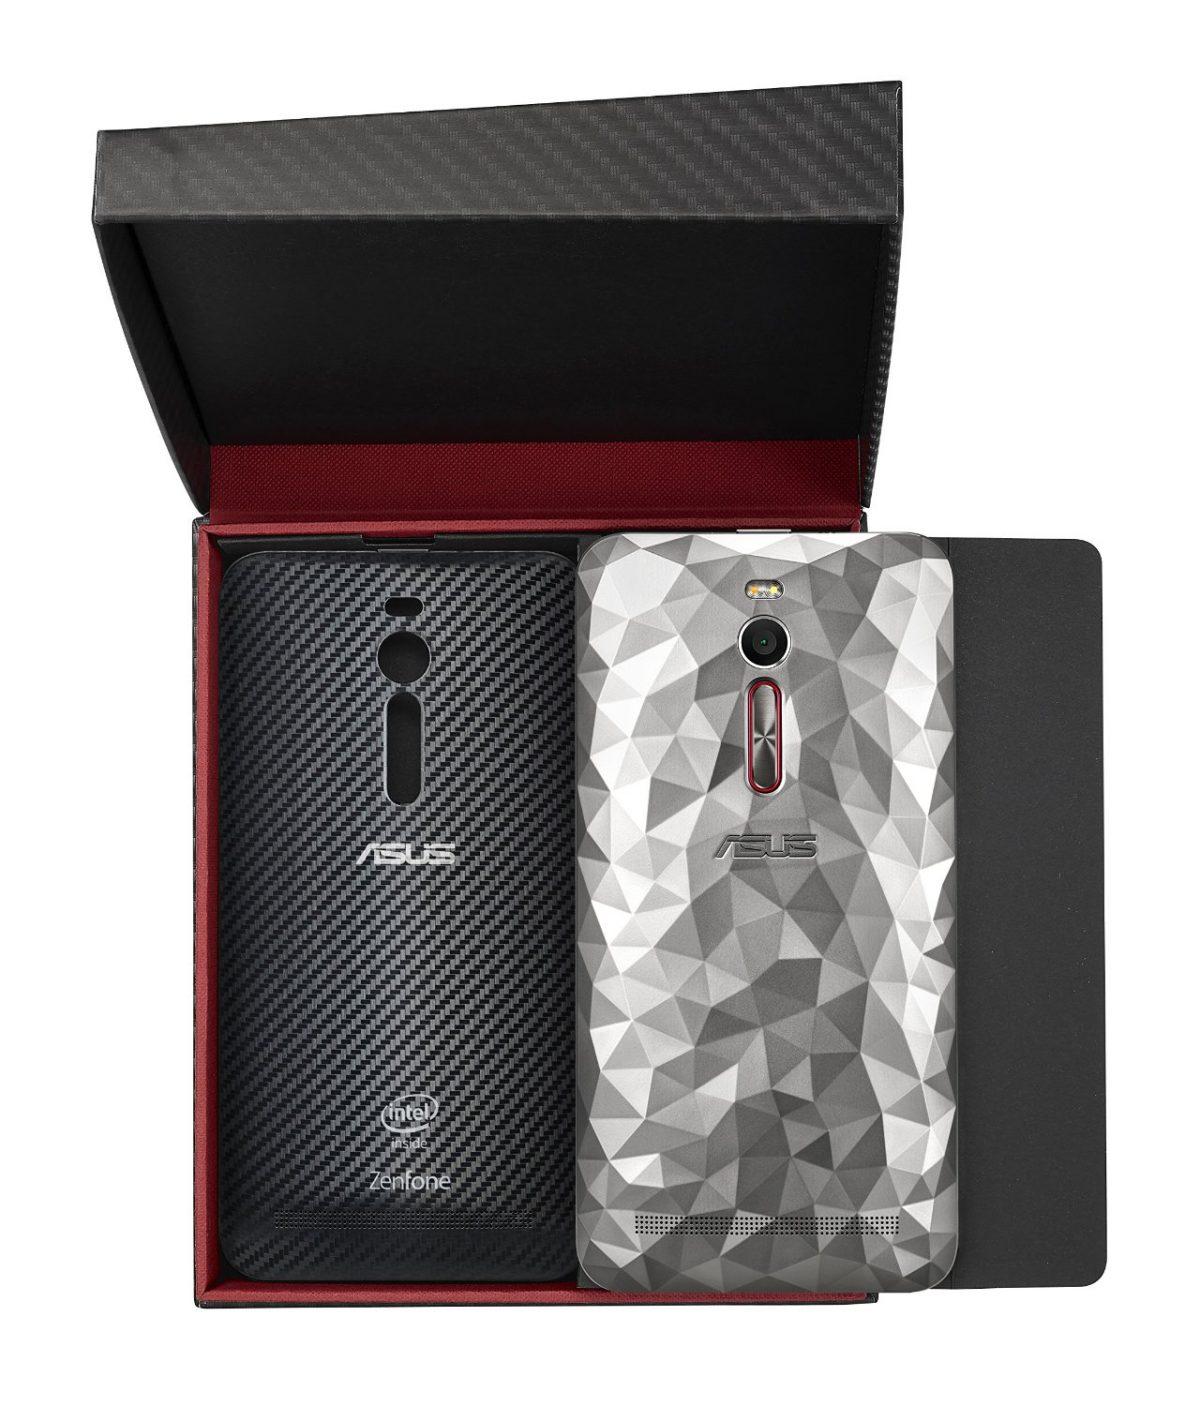 ASUS-ZenFone-Deluxe-Special-Edition-01